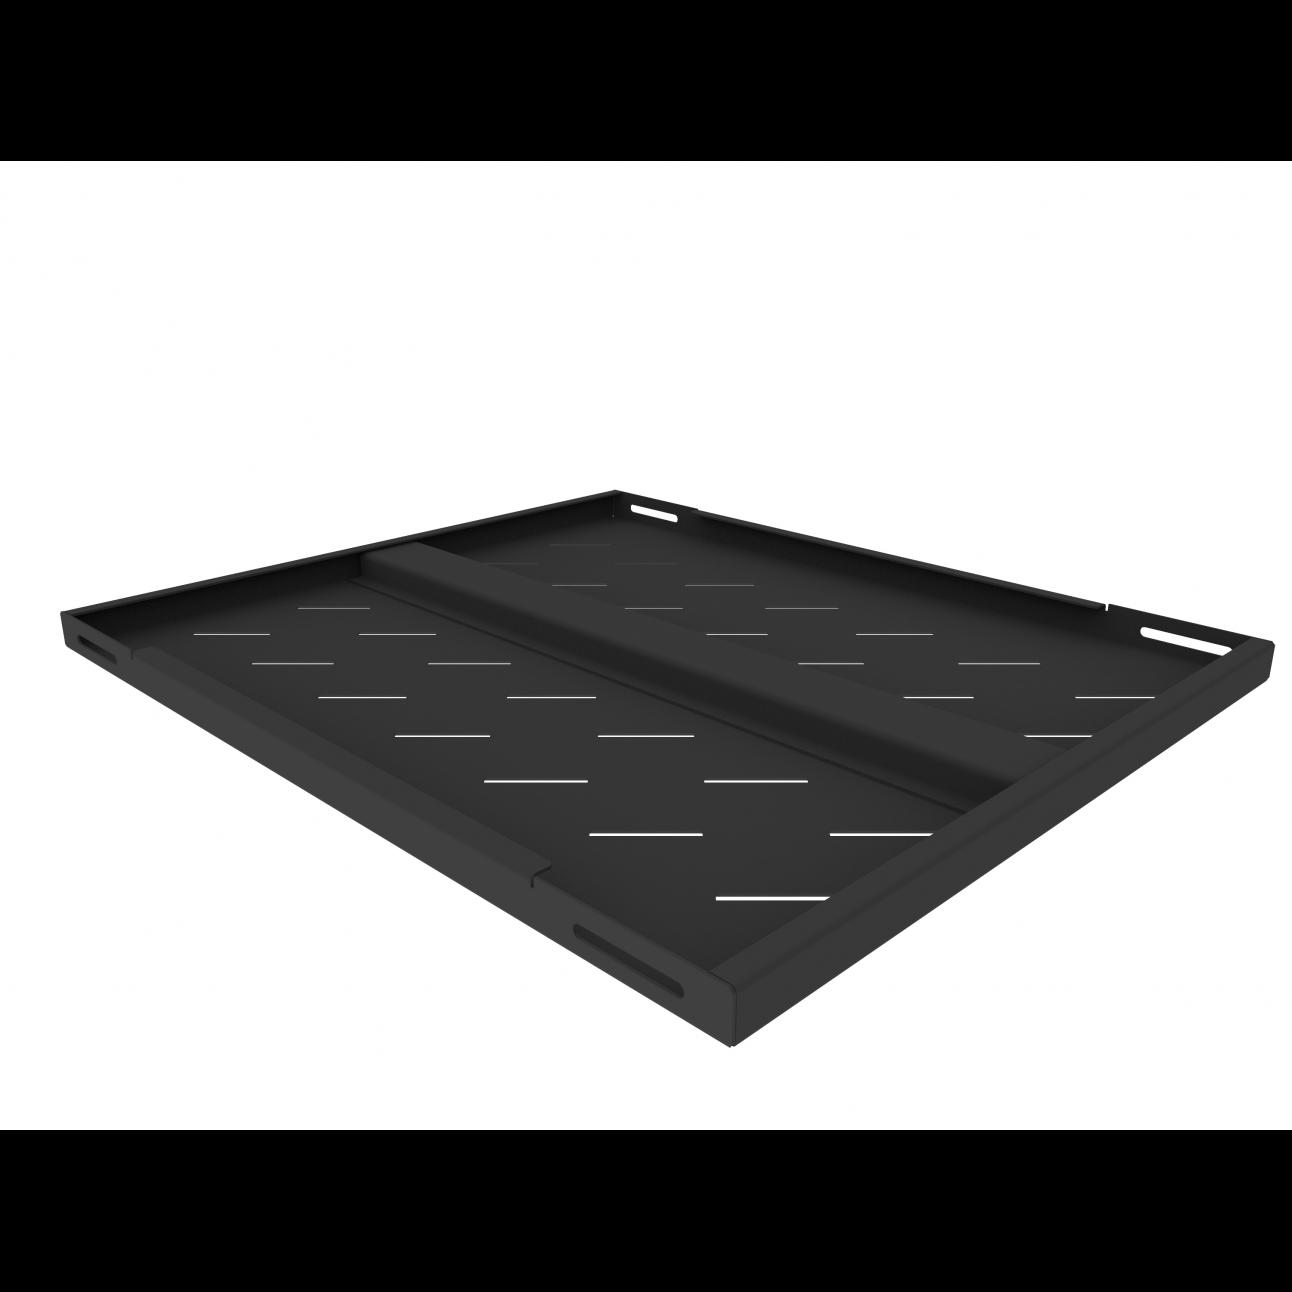 Полка стационарная усиленная для шкафов глубиной 800мм, (глубина полки 550мм) распределенная нагрузка 250кг, цвет-черный (SNR-SHELF-08055-250B)